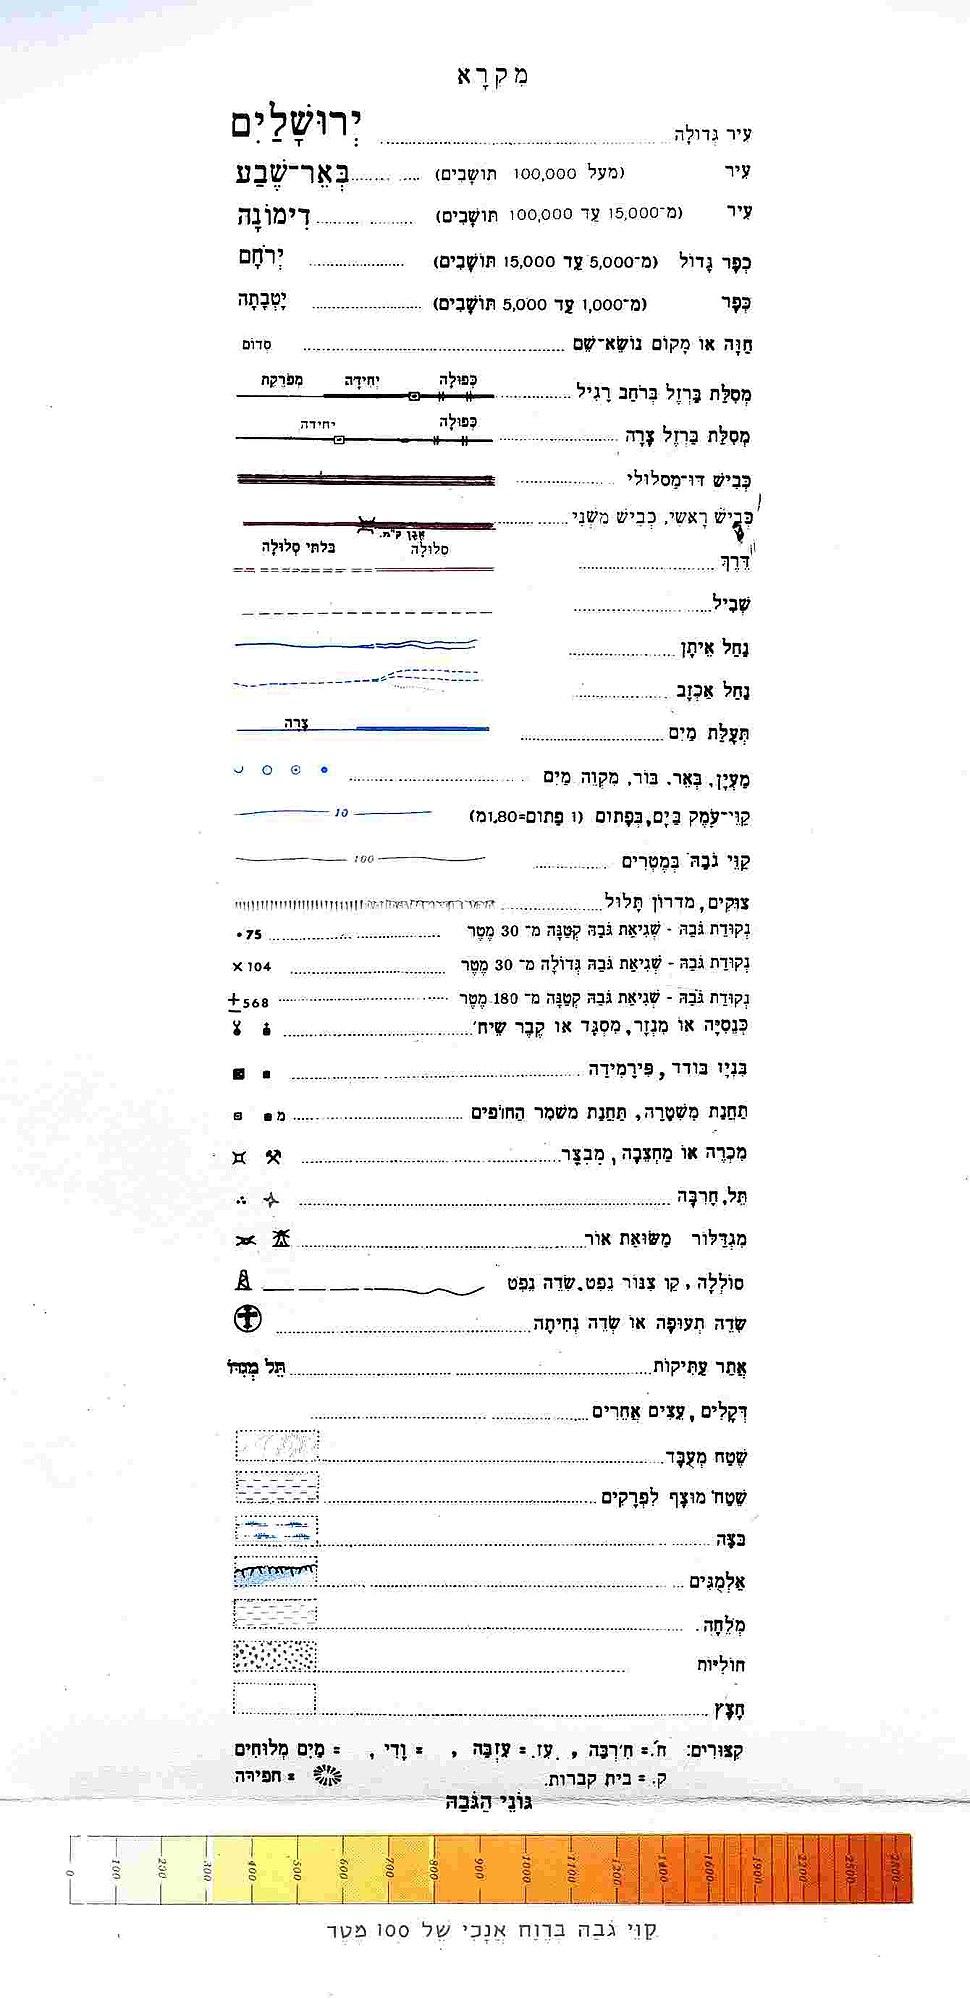 IsraelCVFRlegend